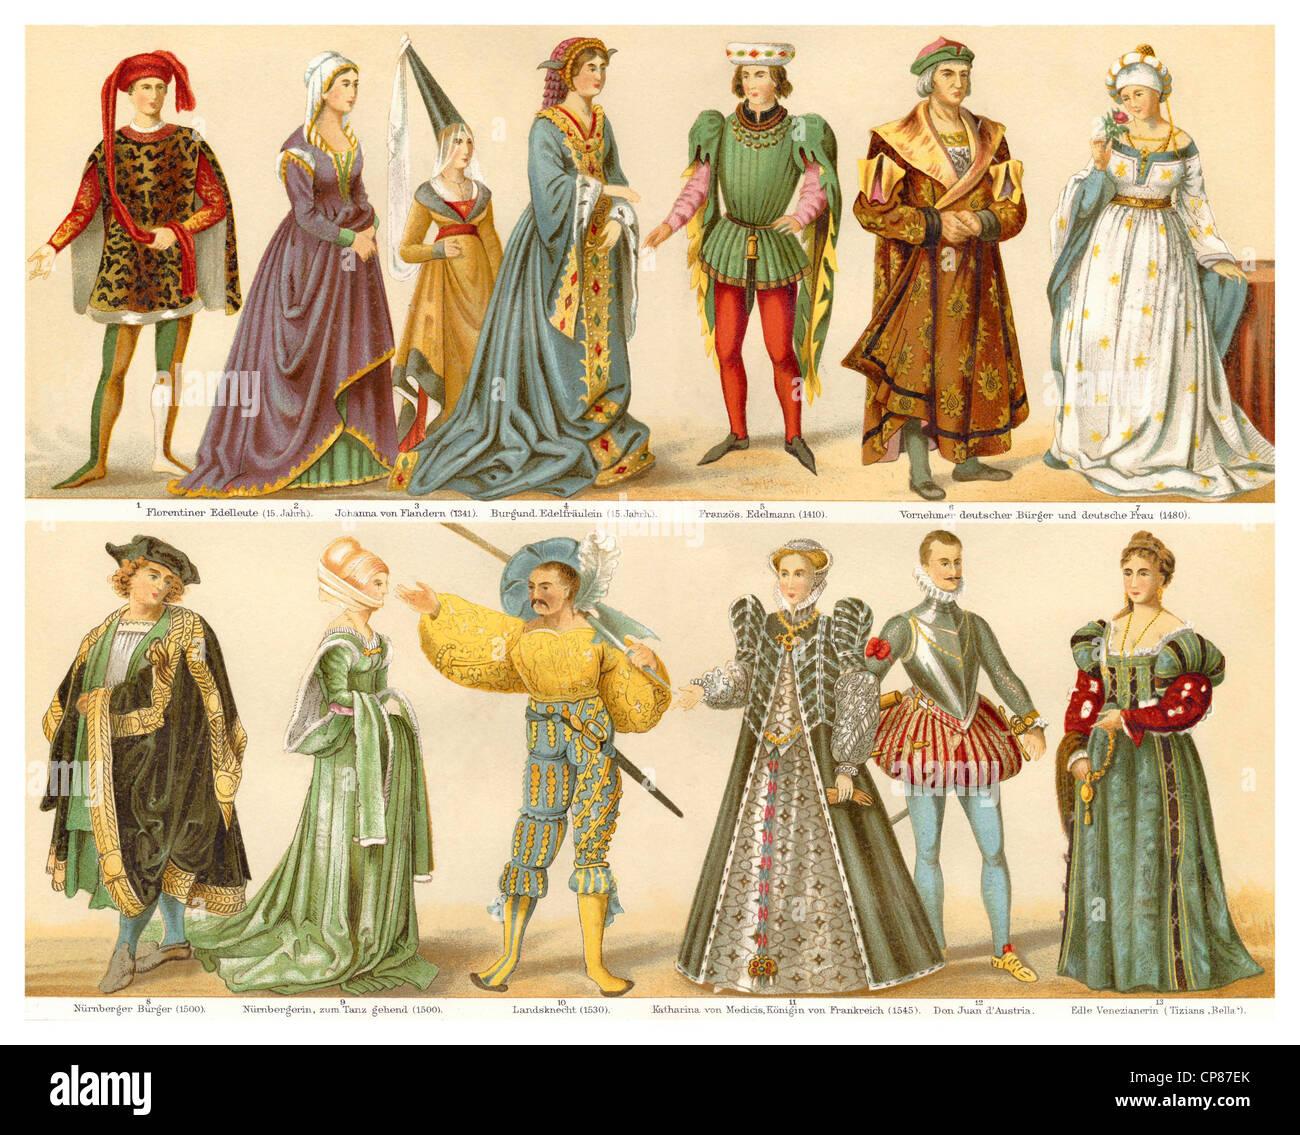 Les costumes, la mode, les vêtements, 15e et 16e siècle, Historische, zeichnerische Darstellung, 19. Jahrhundert, Photo Stock